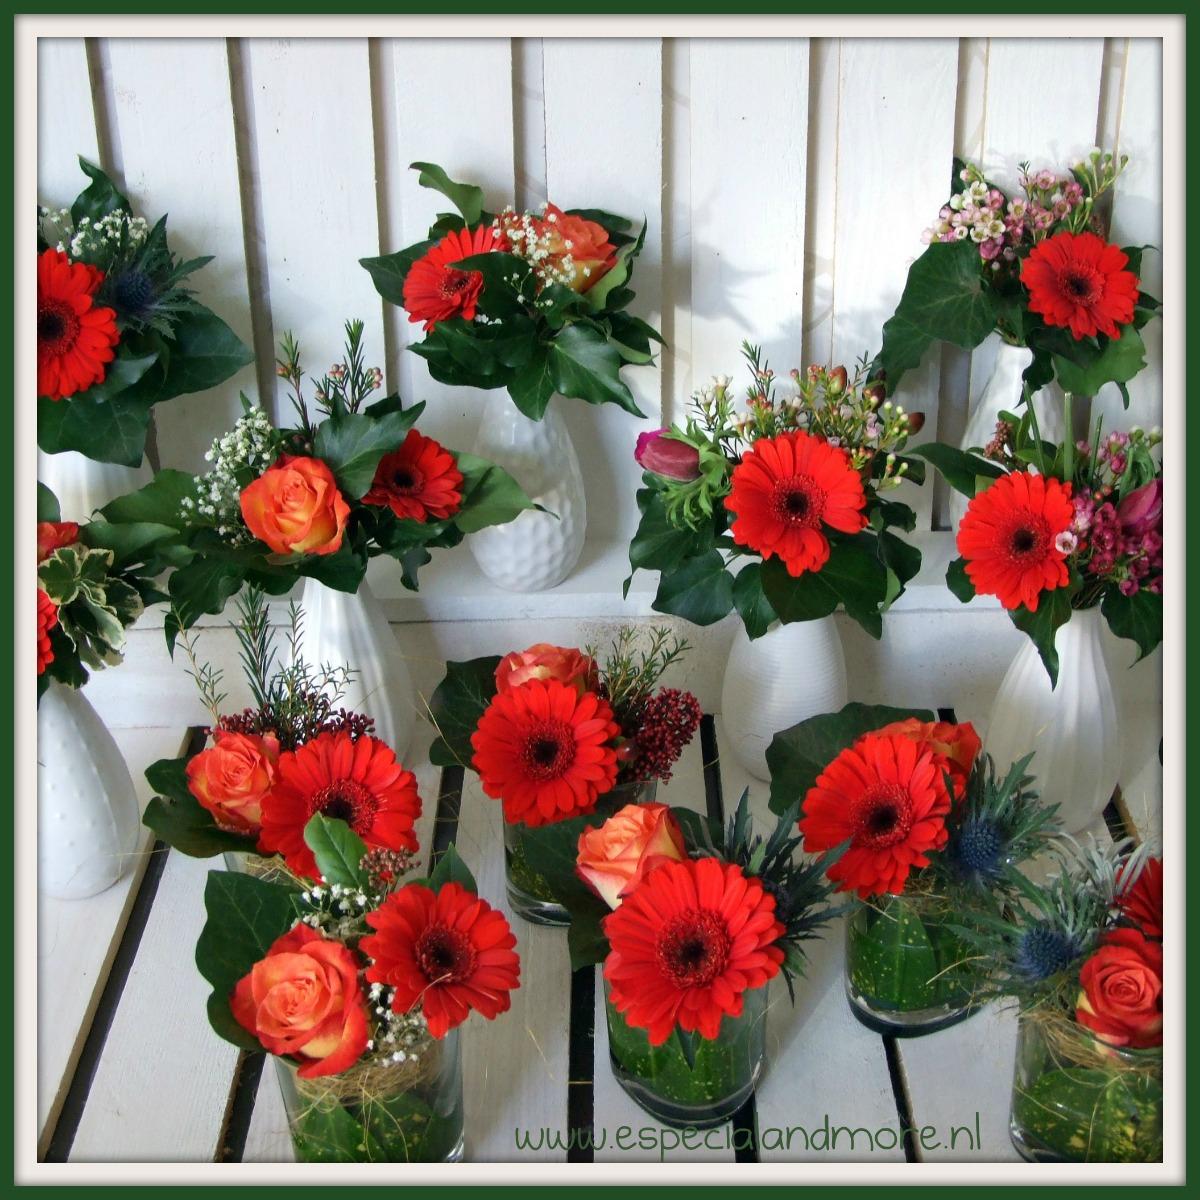 especial at home een bloemetje